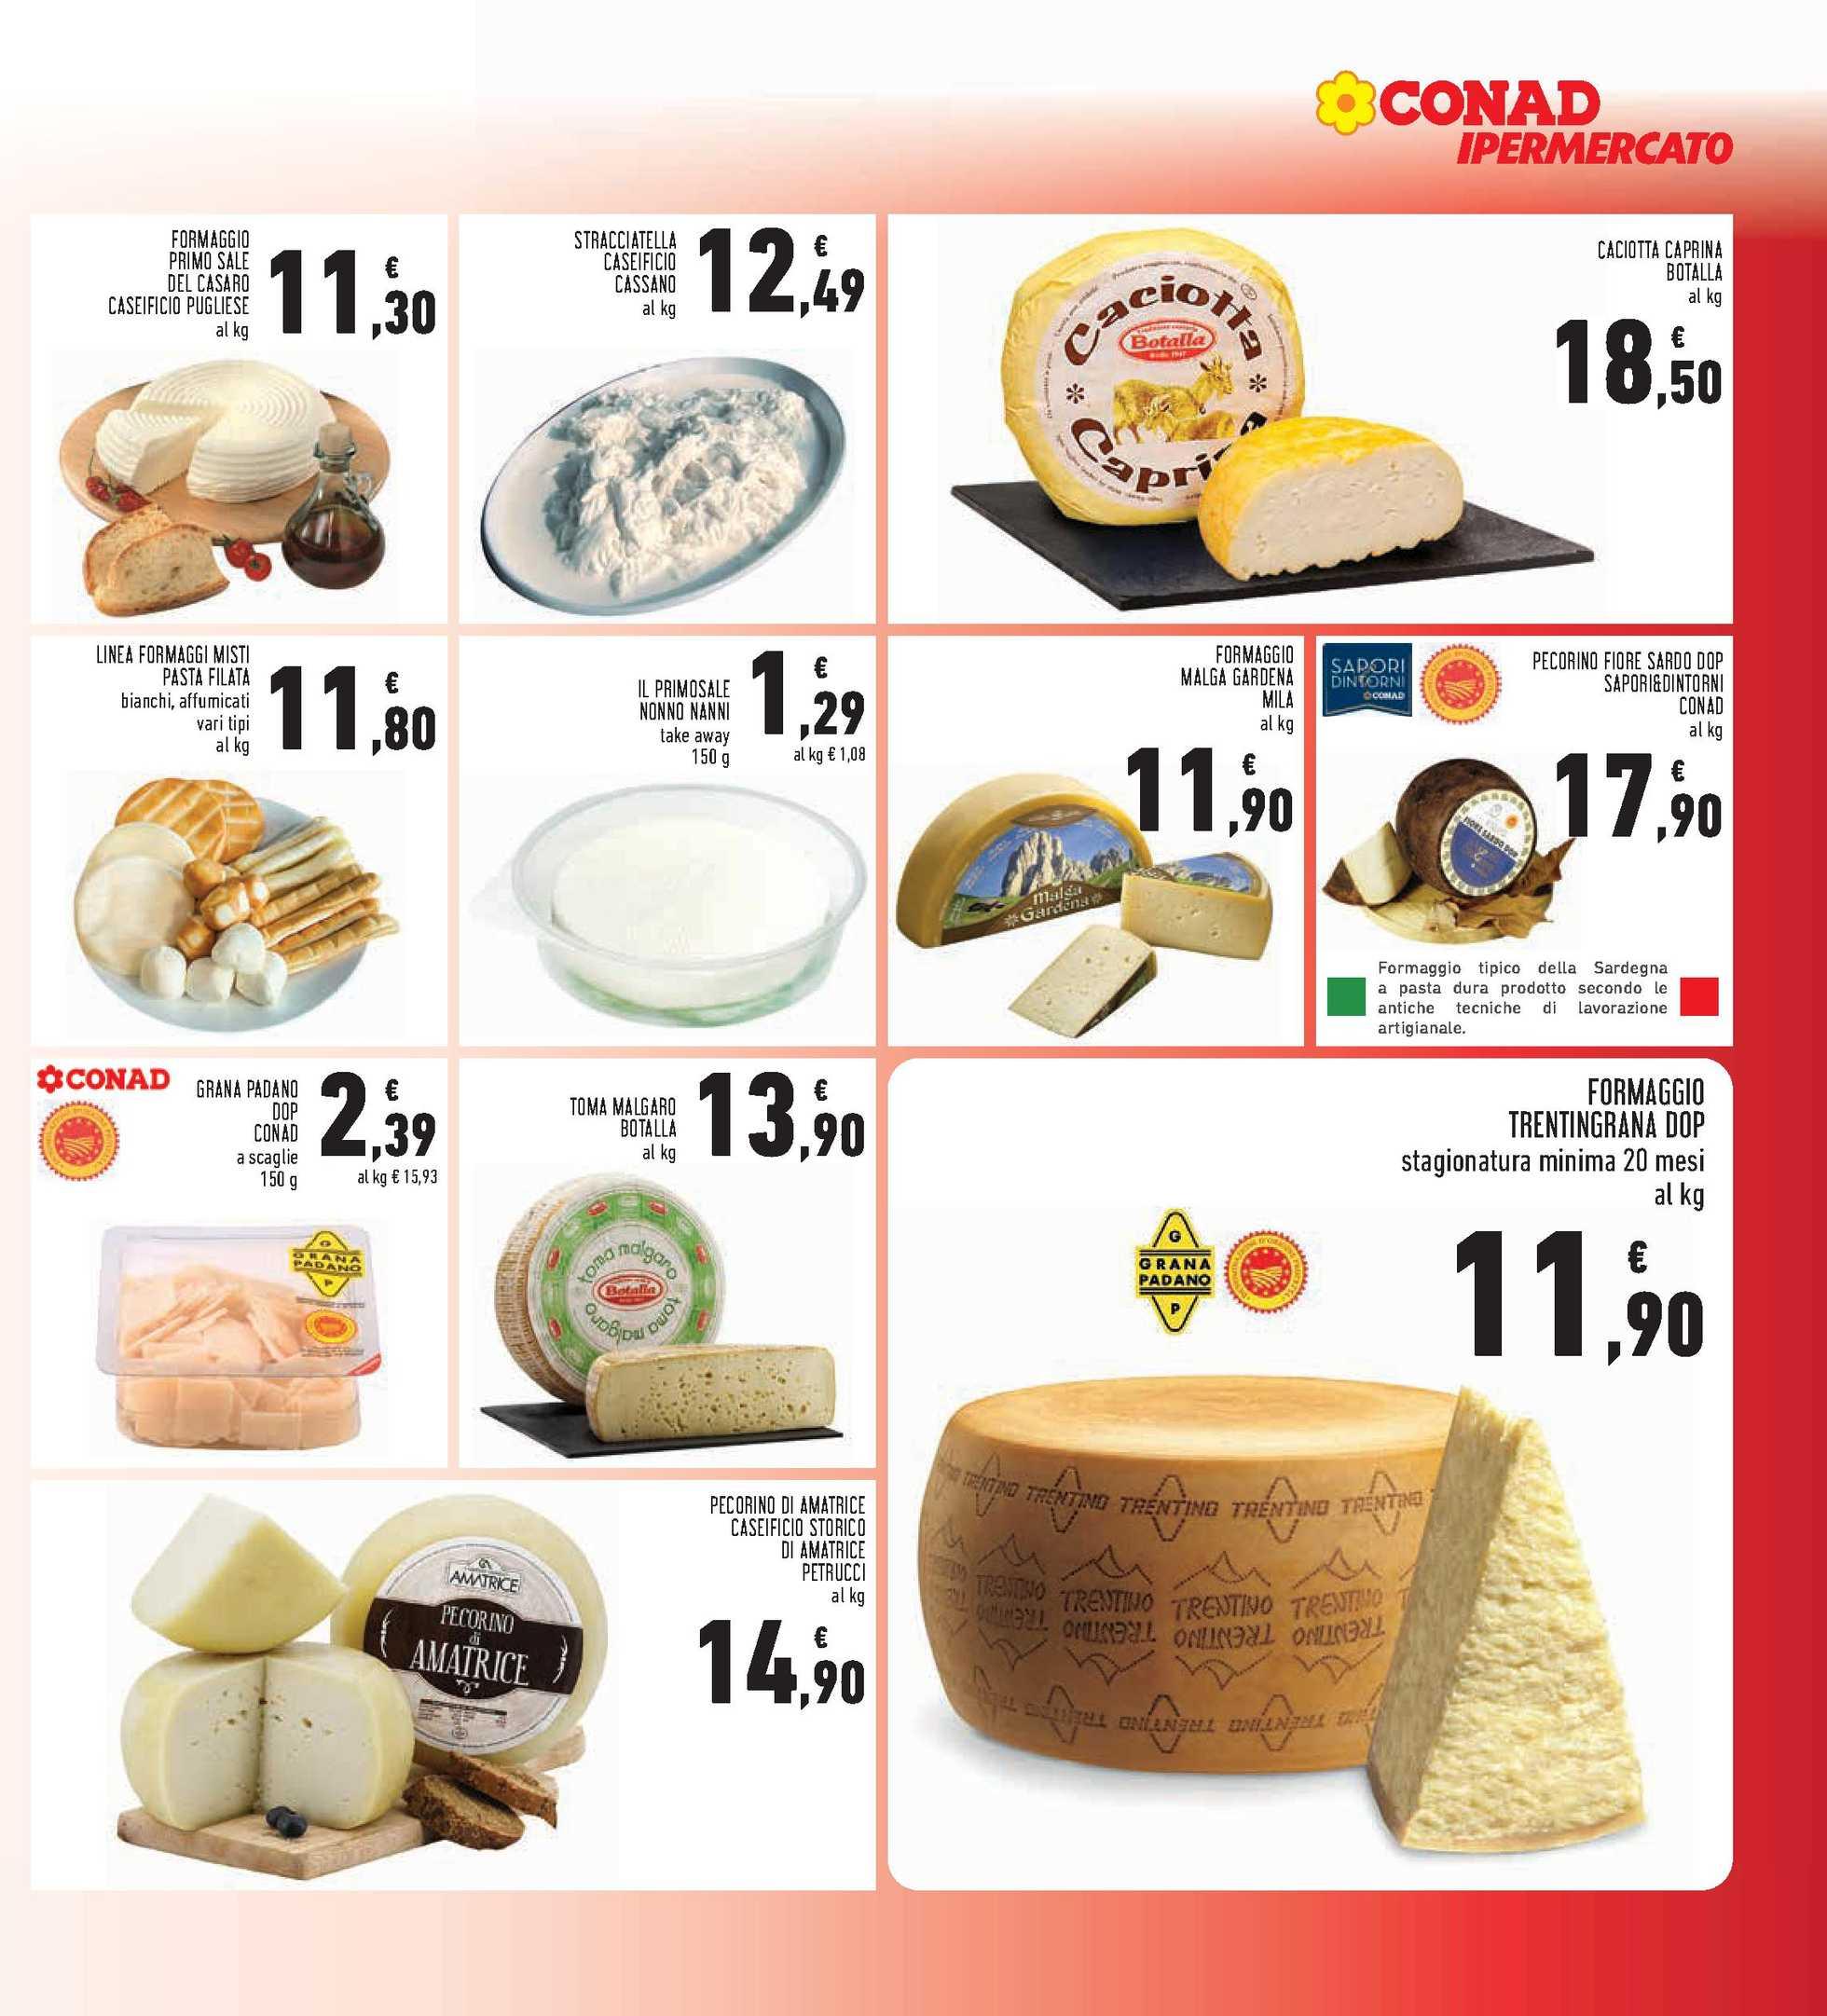 Conad Ipermercato - offerte valide dal 25.06.2020 al 08.07.2020 - pagina 3.